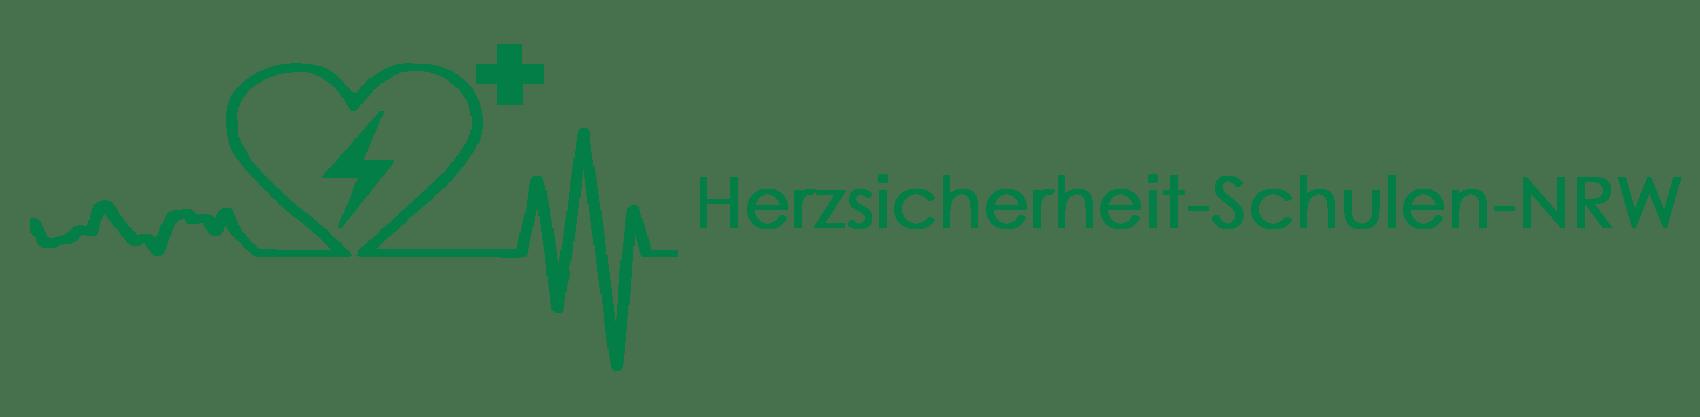 Herzsicherheit-Schulen-NRW